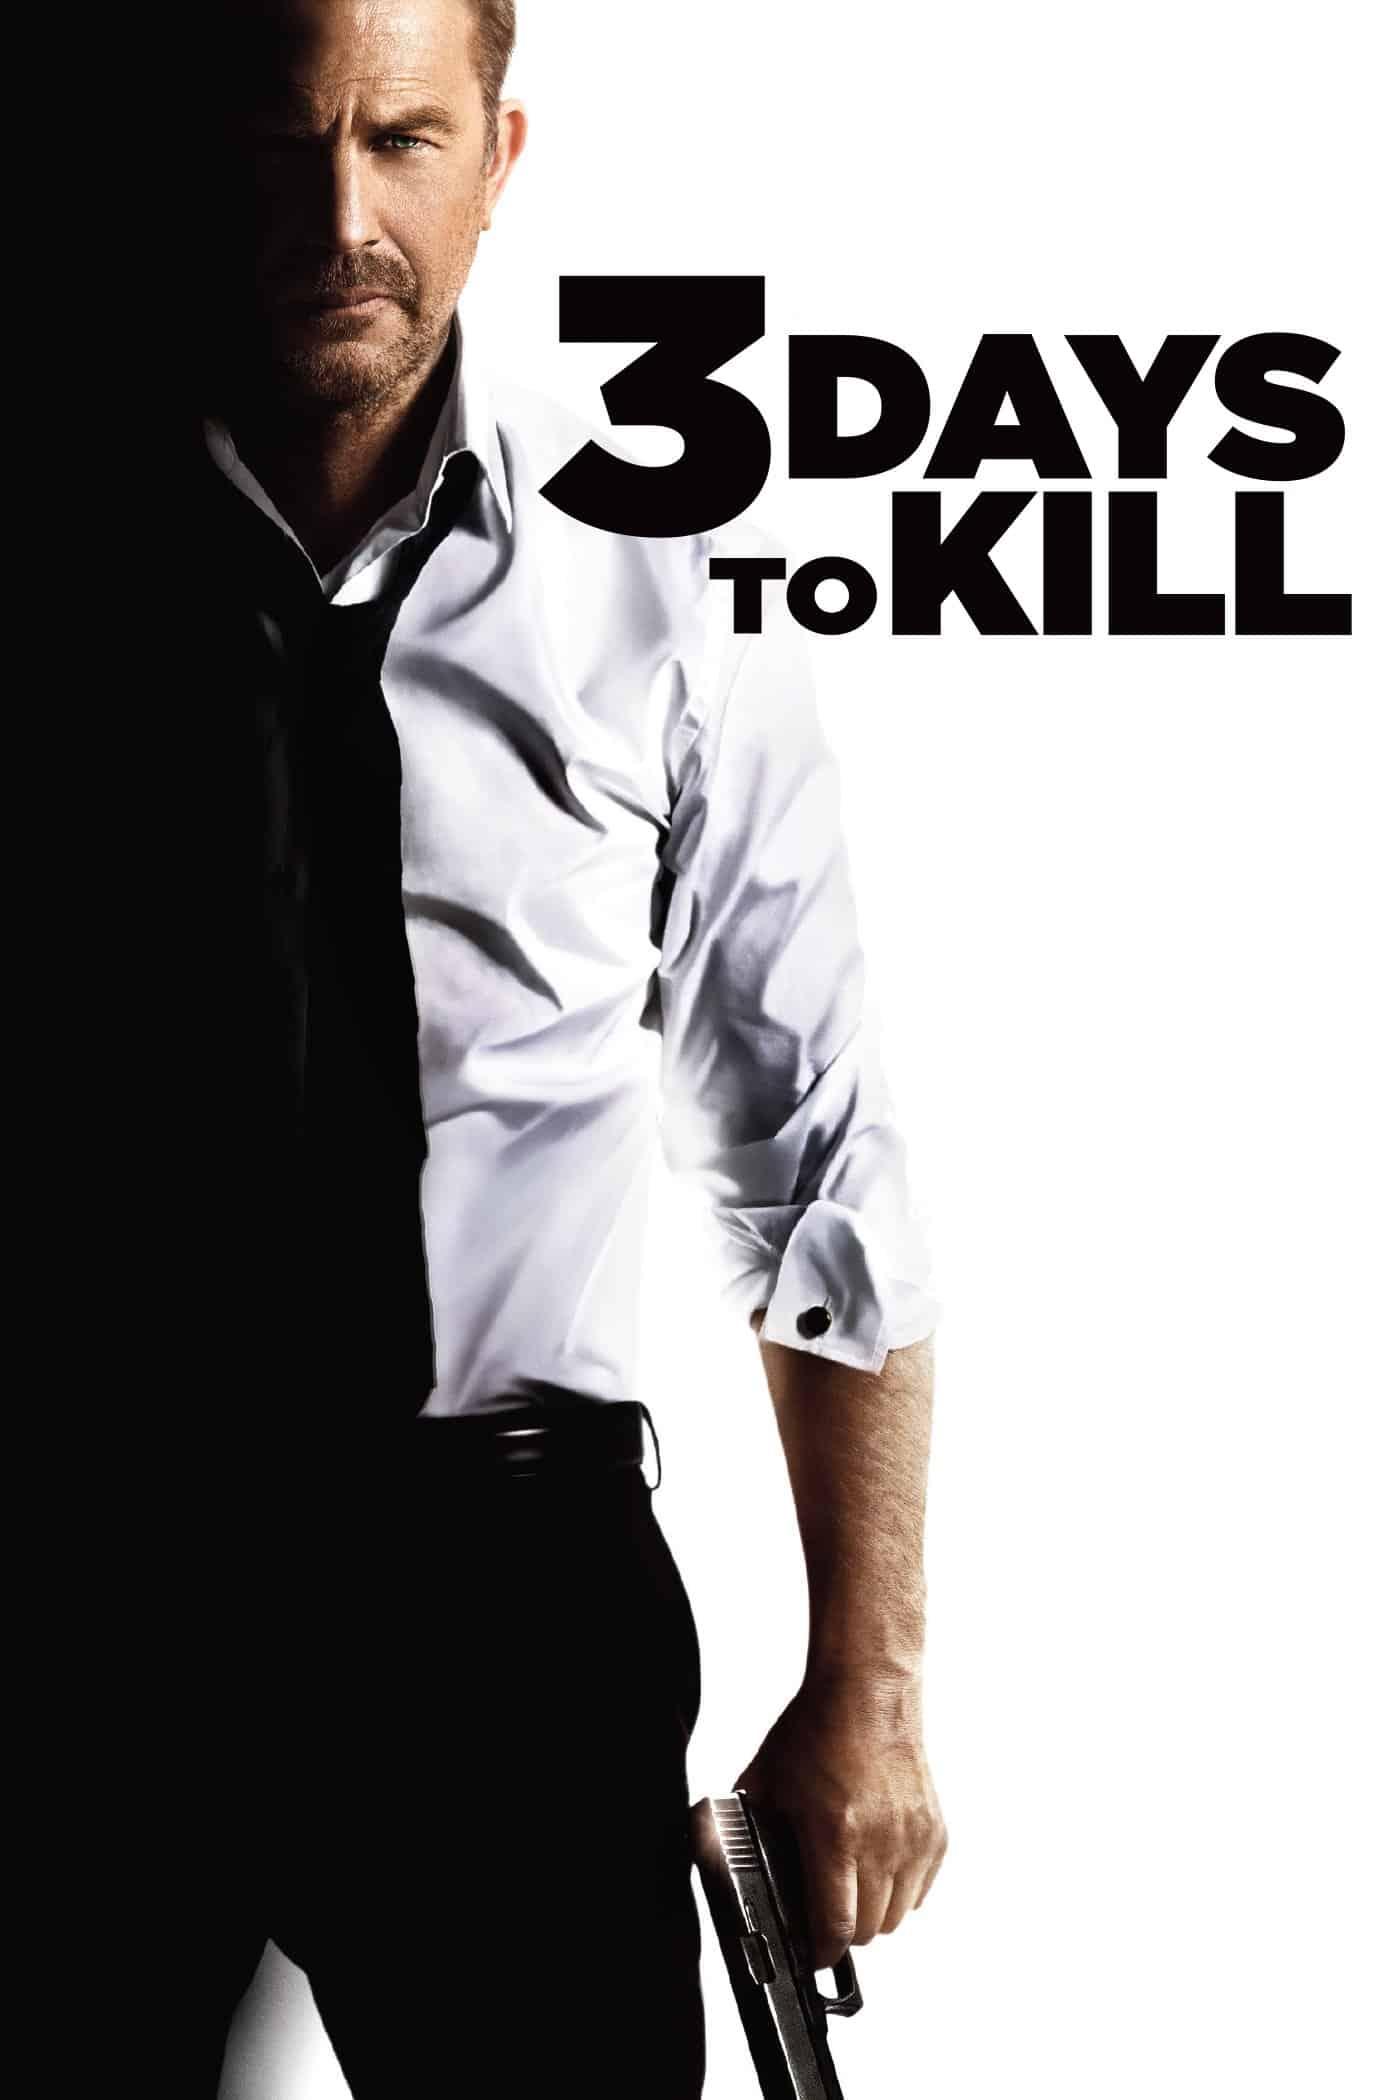 3 Days to Kill, 2014